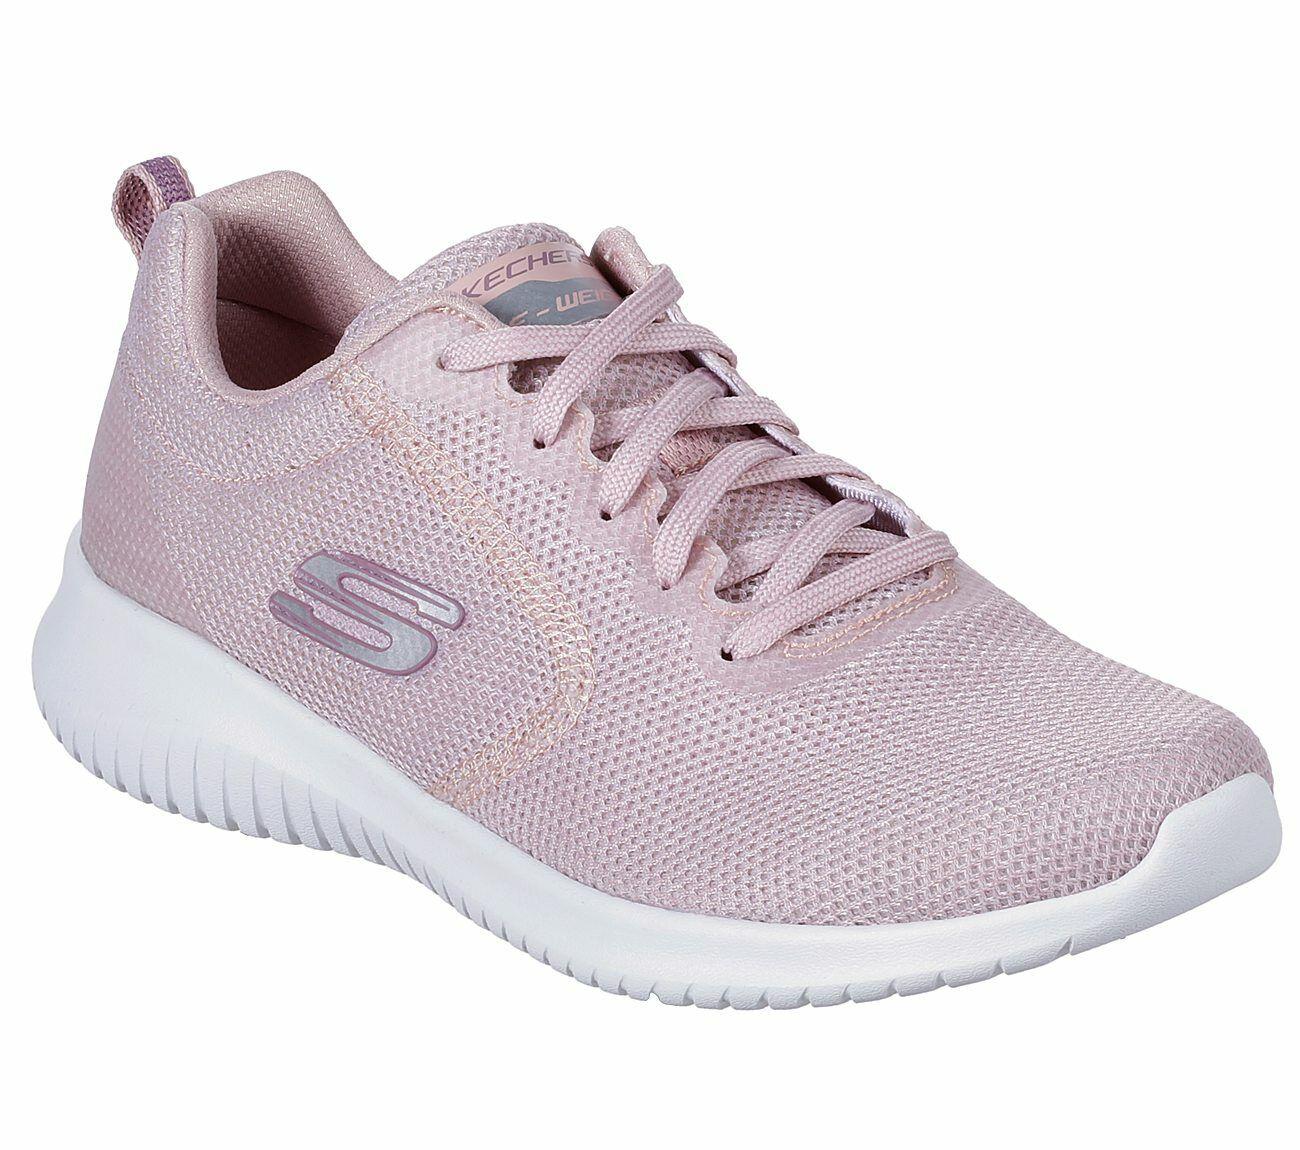 Skechers Zapato Luz Mujer rosado de espuma de memoria Mujer Luz Sport Casual Comfort Elegante Malla 13111 99197f